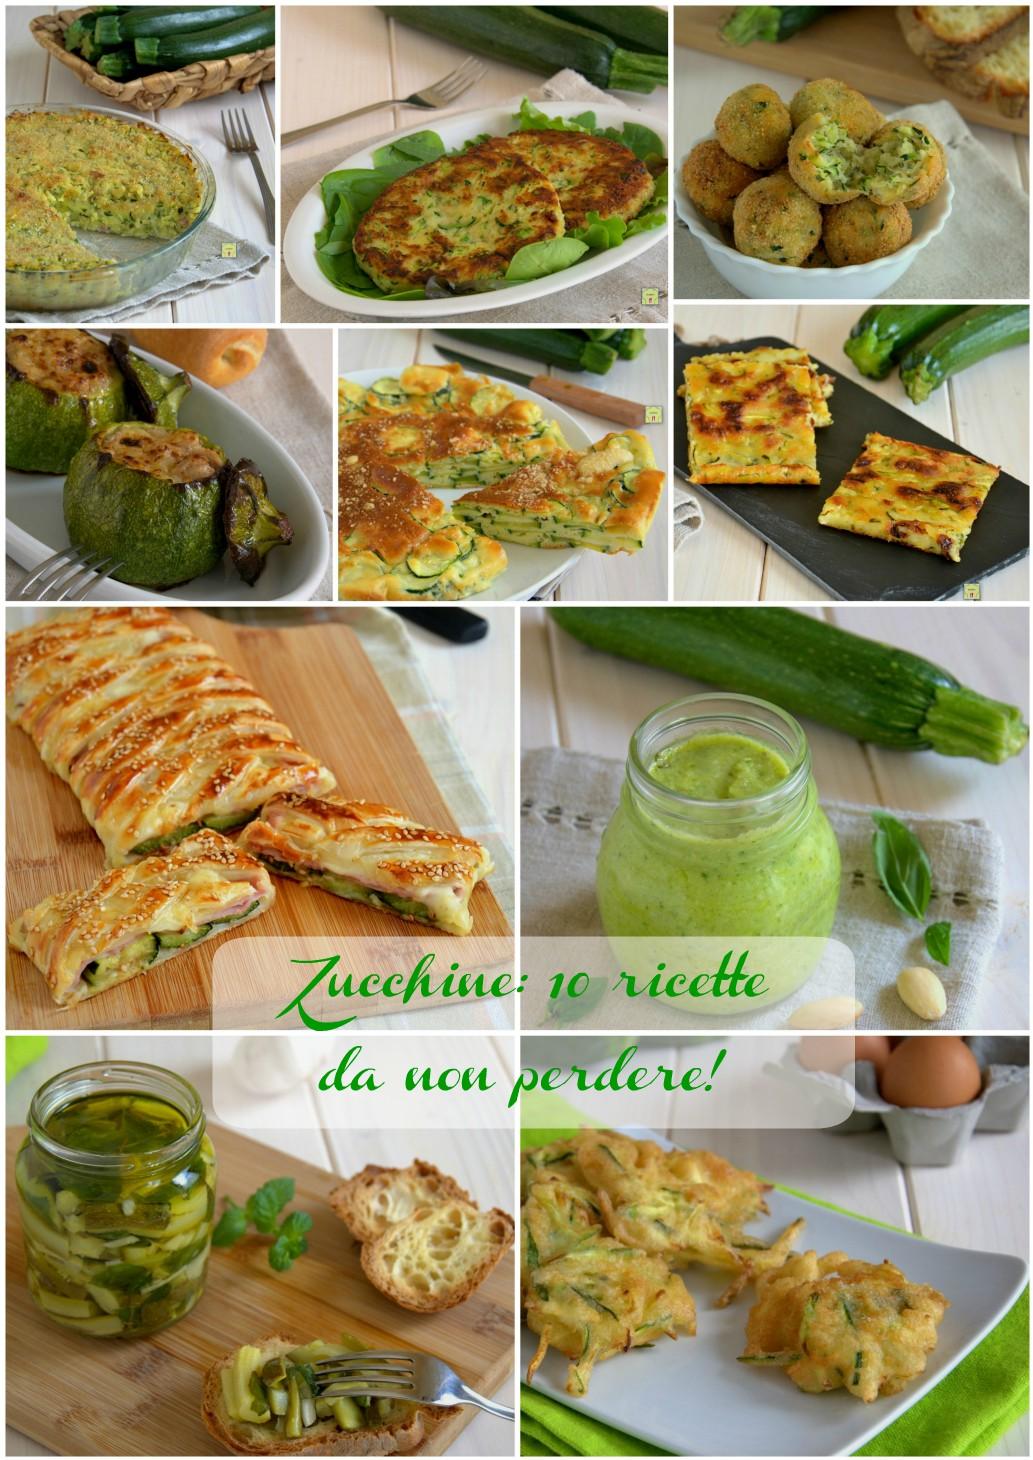 zucchine 10 ricette da non perdere gp